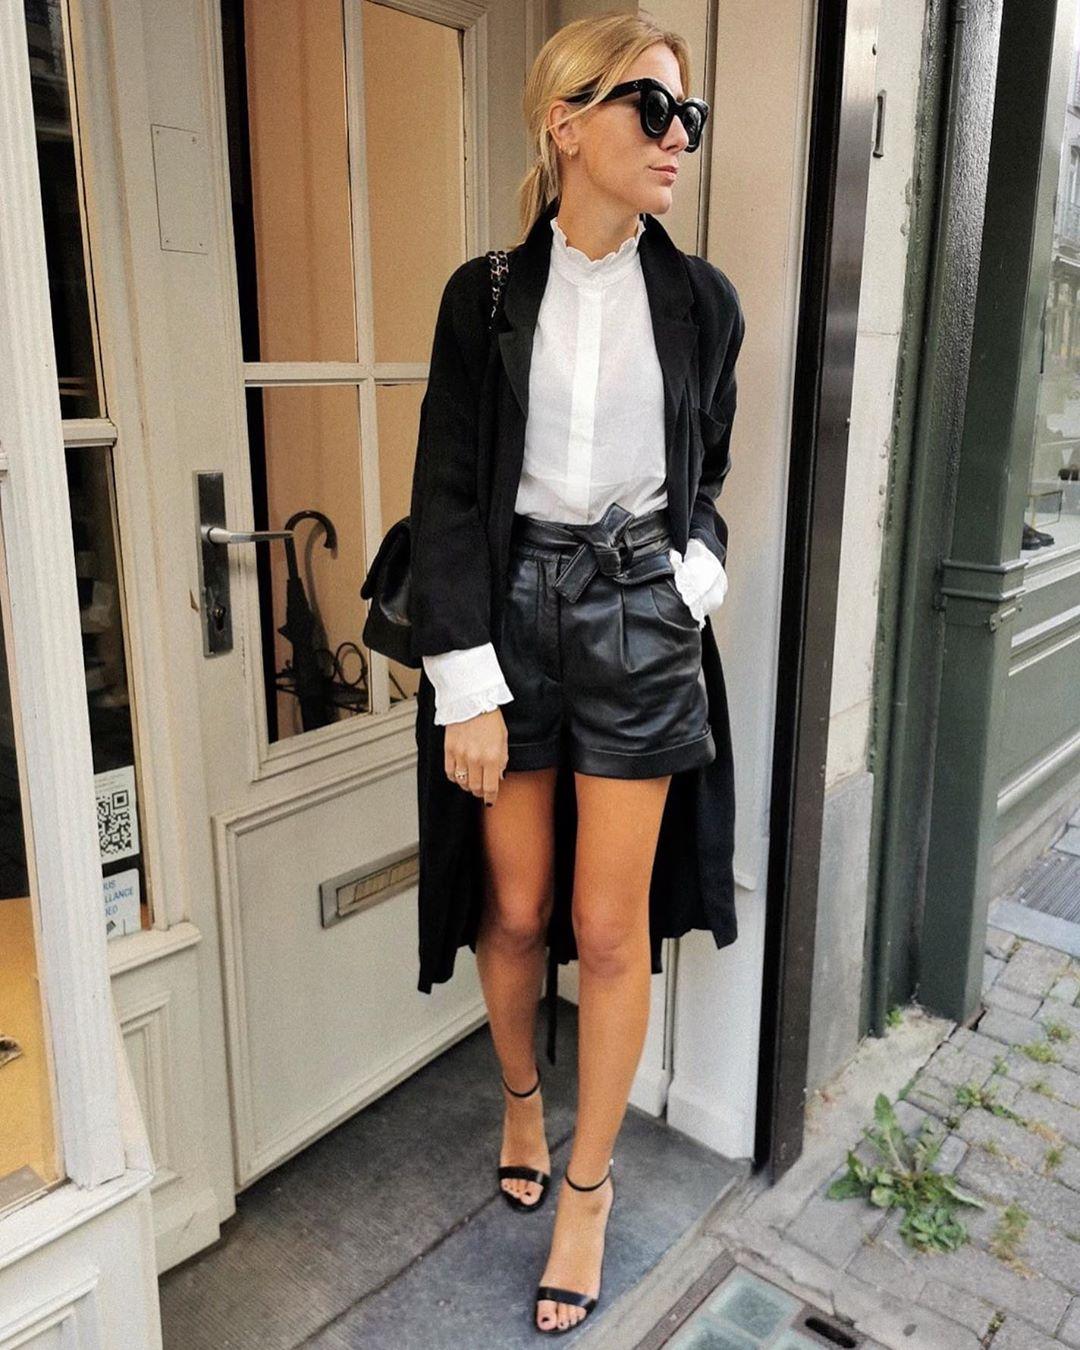 leather effect shorts de Zara sur floackermans